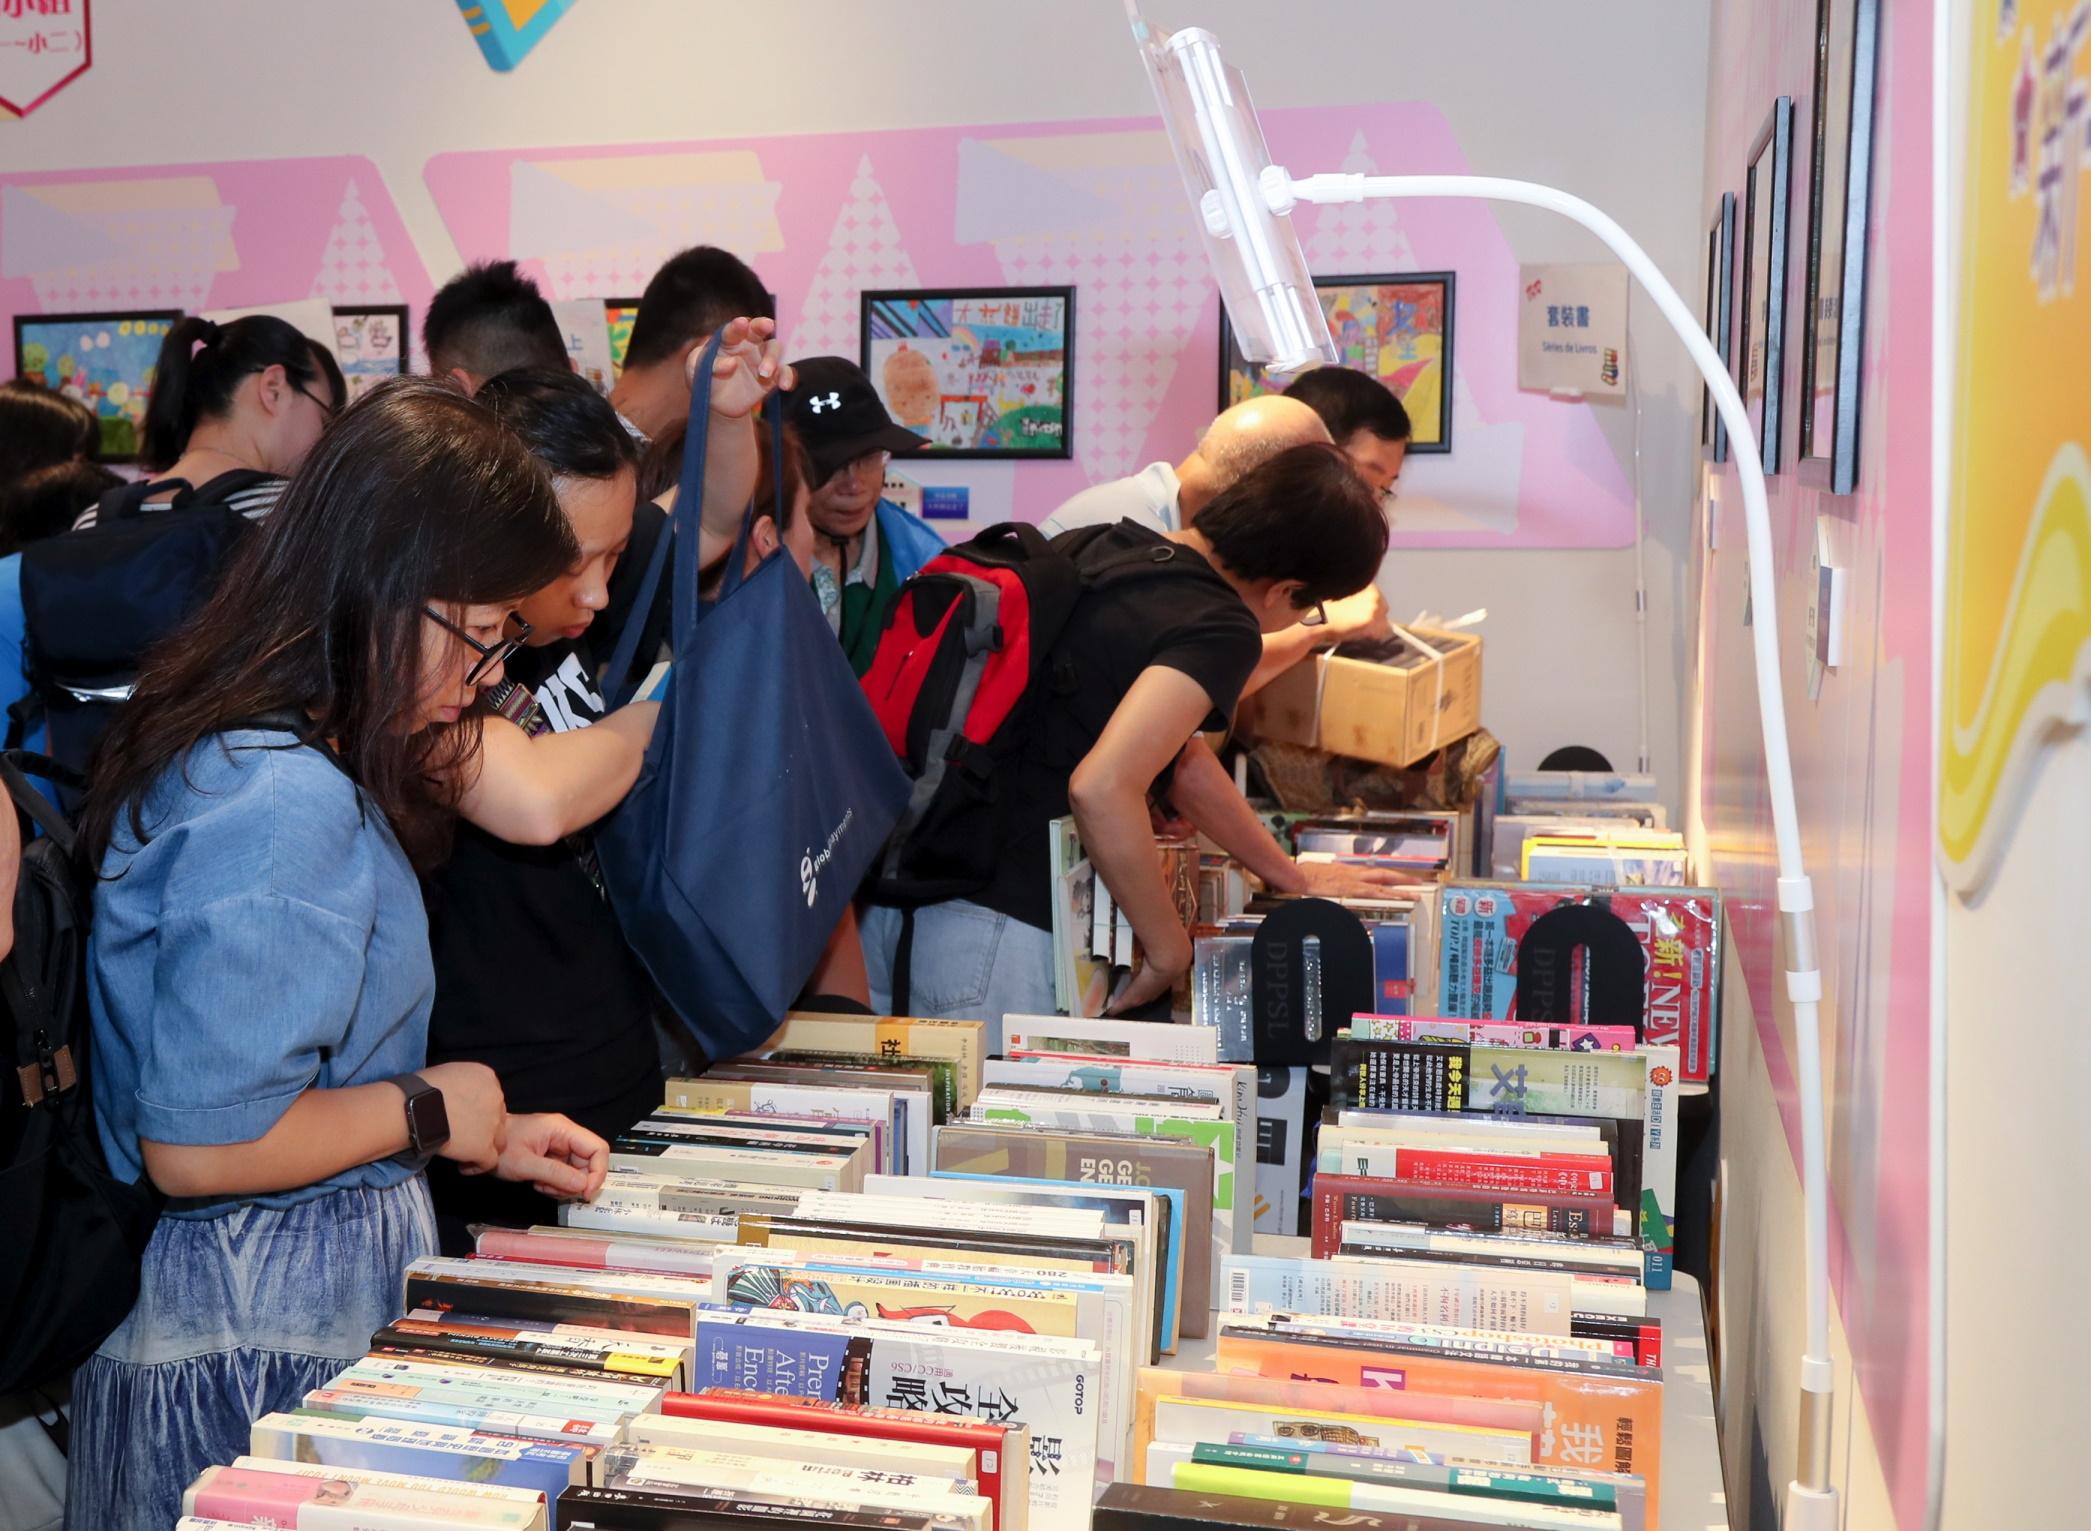 Bibliotecas | Actividade de troca de livros prolonga-se até 11 de Abril